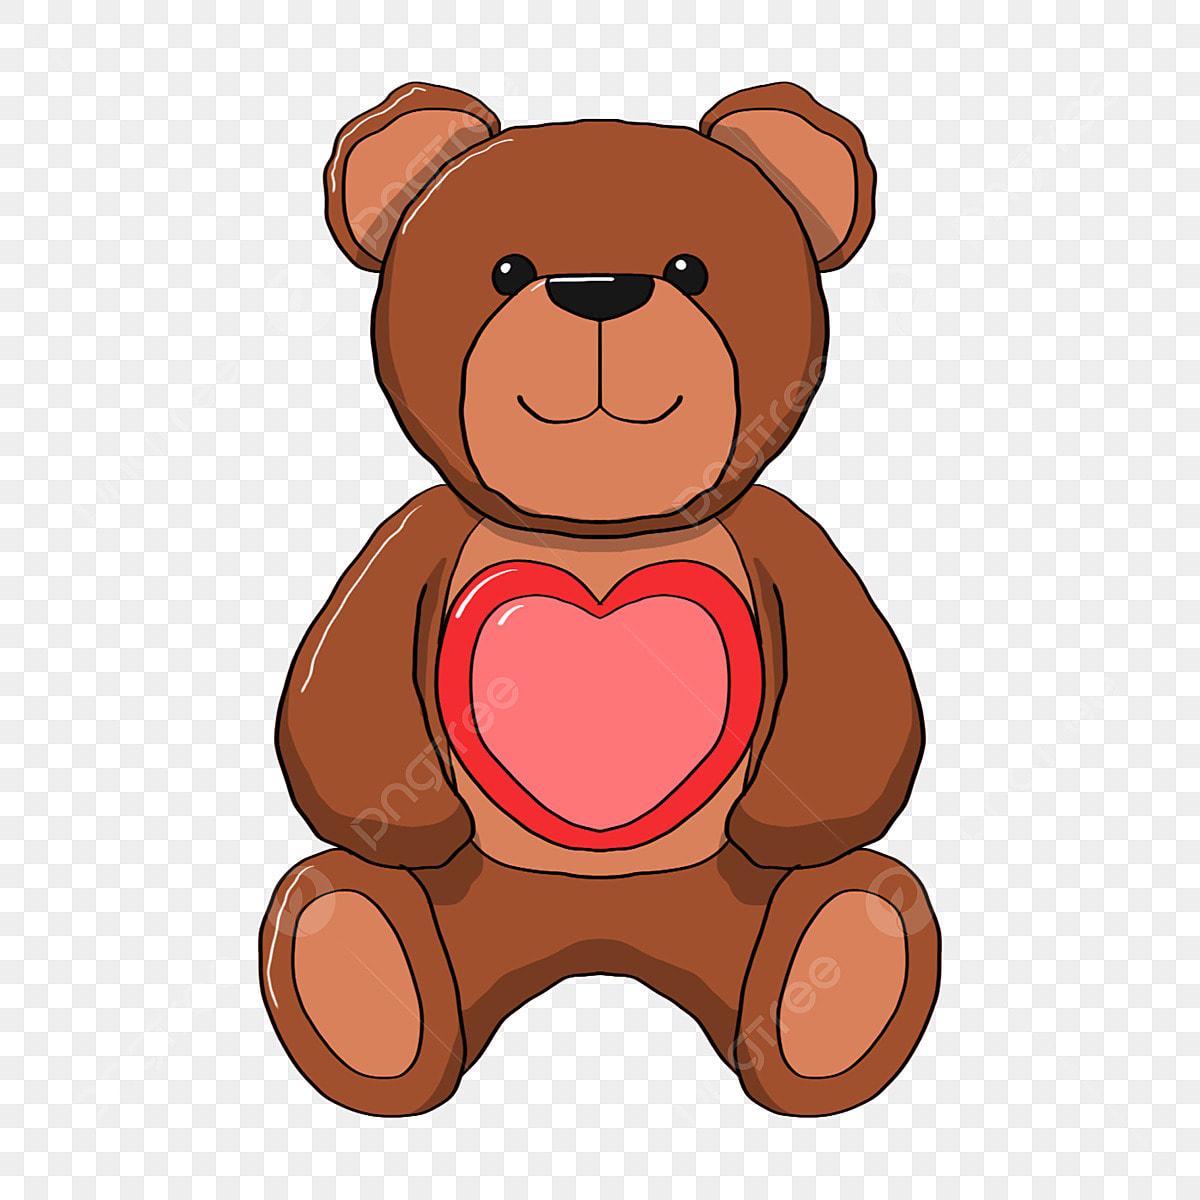 Desenho Ursinho Brinquedos Teddy Bear Brown Arquivo Png E Psd